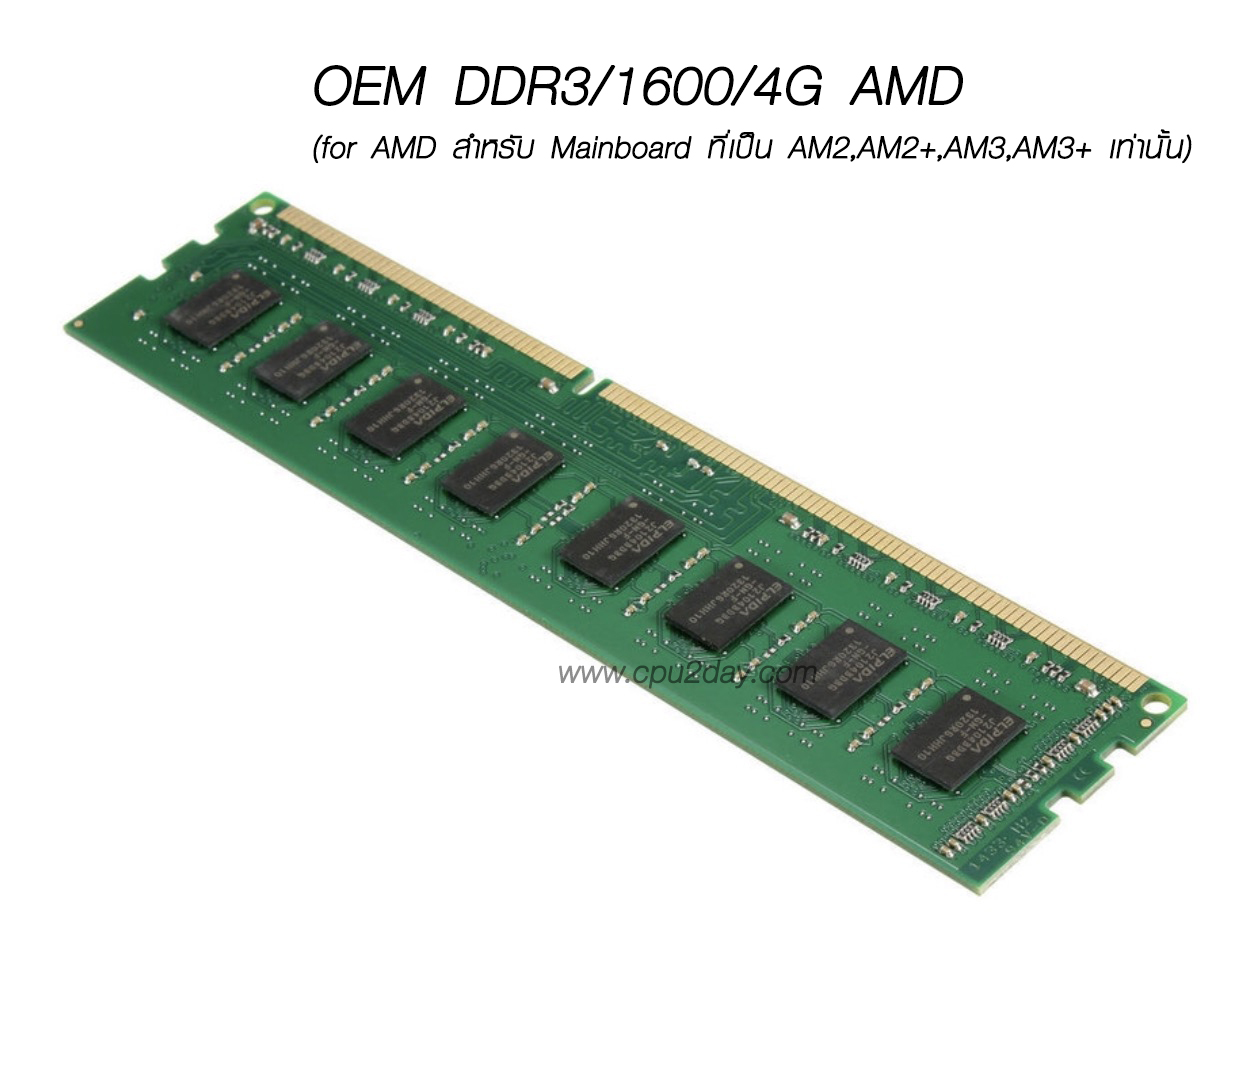 OEM DDR3/1600/4G (for AMD สำหรับ Mainboard ที่เป็น AM2,AM2+,AM3,AM3+ เท่านั้น)